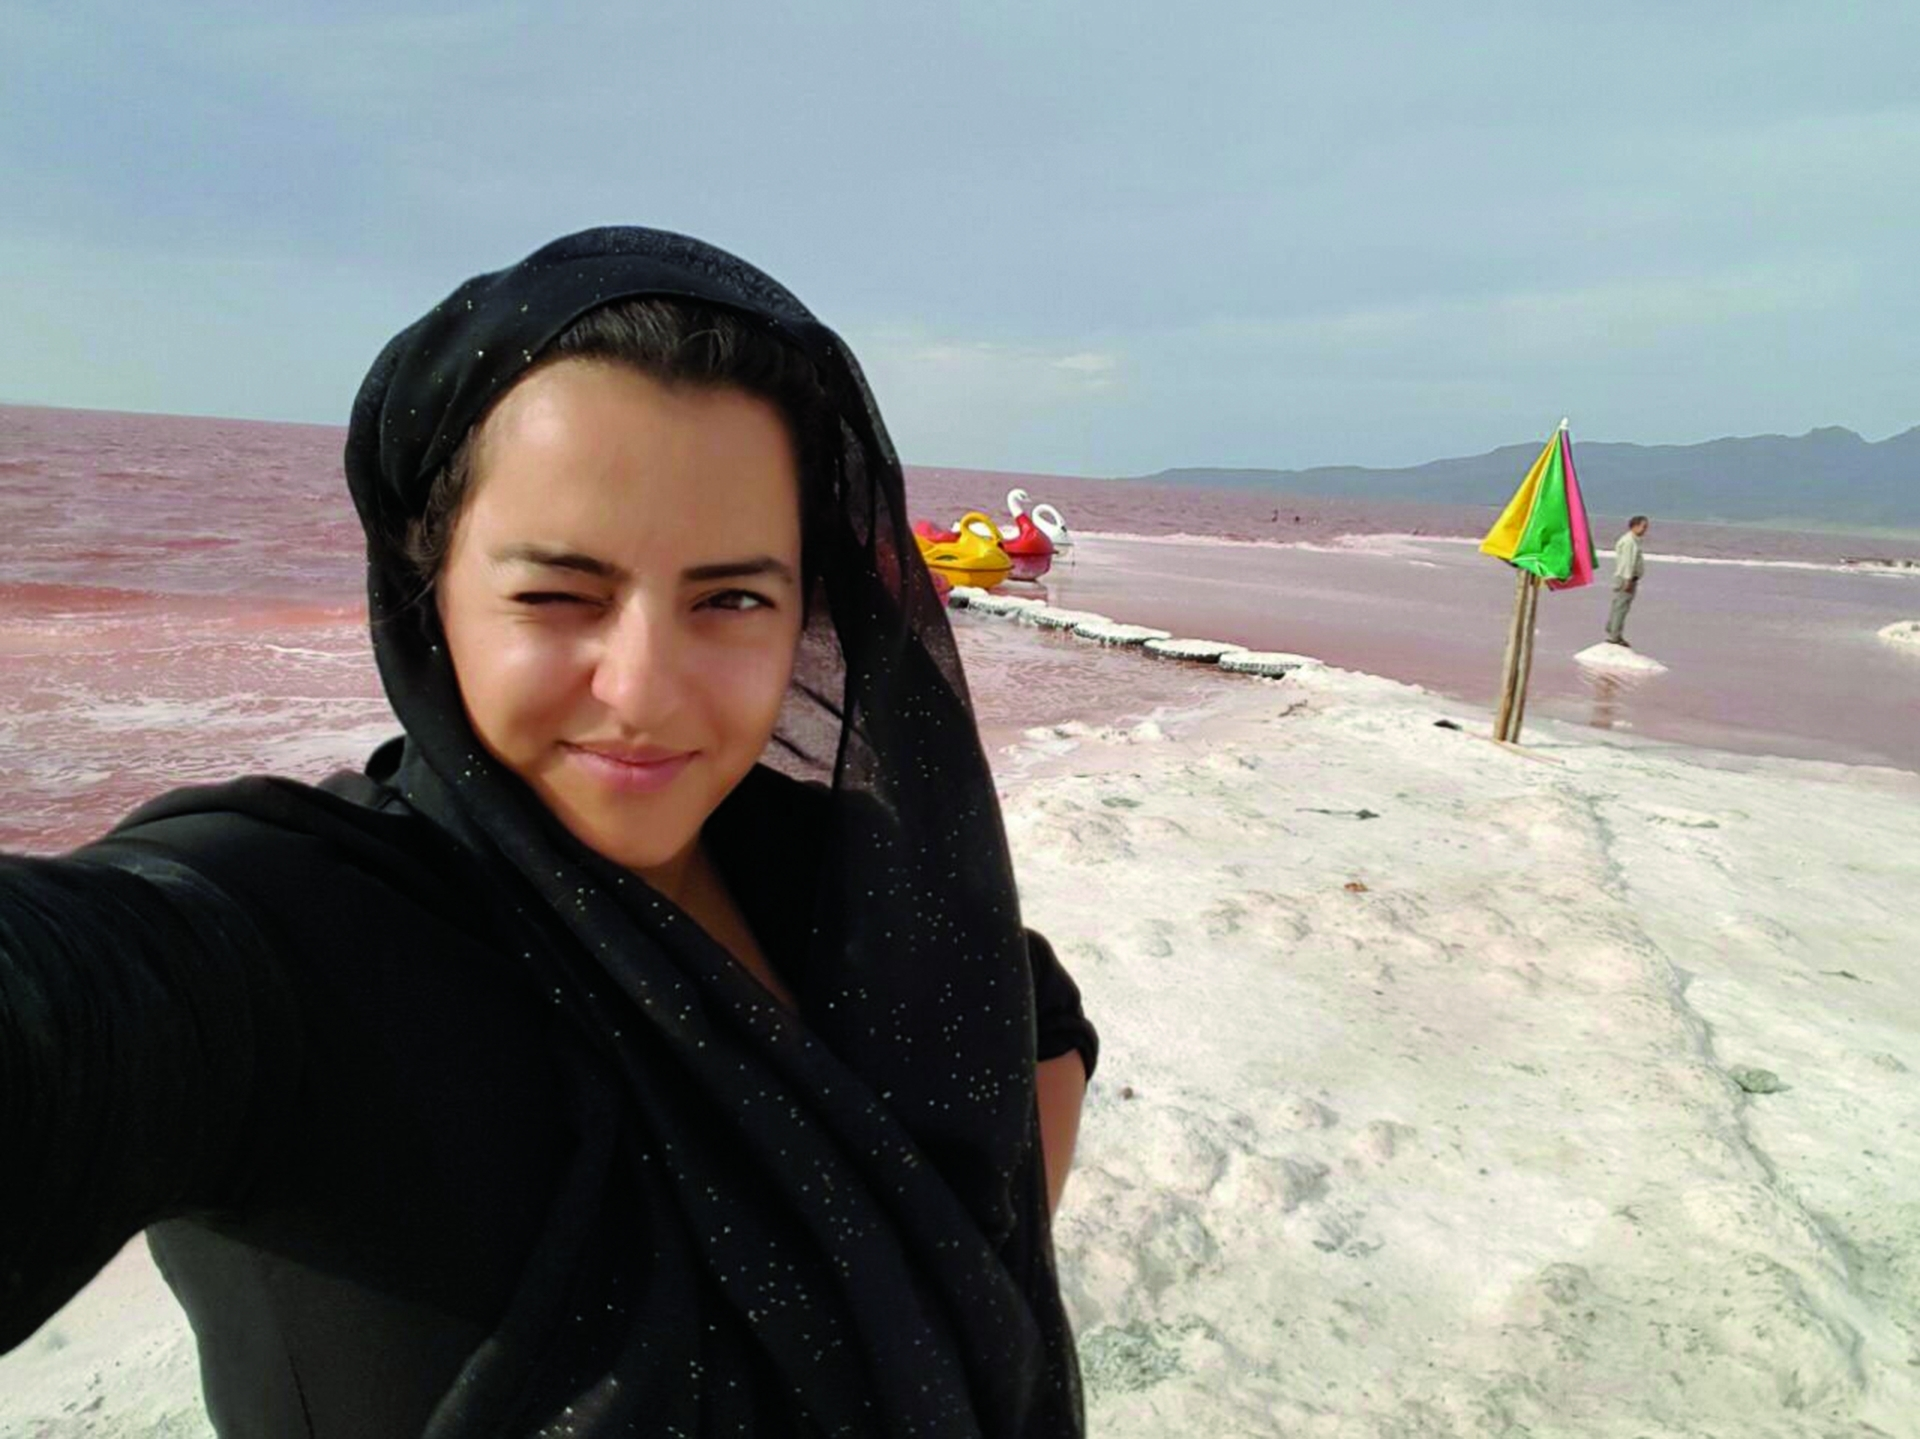 紐夏.塔瓦柯利安在伊朗的烏爾米耶湖水邊。攝影;紐夏.塔瓦柯利安